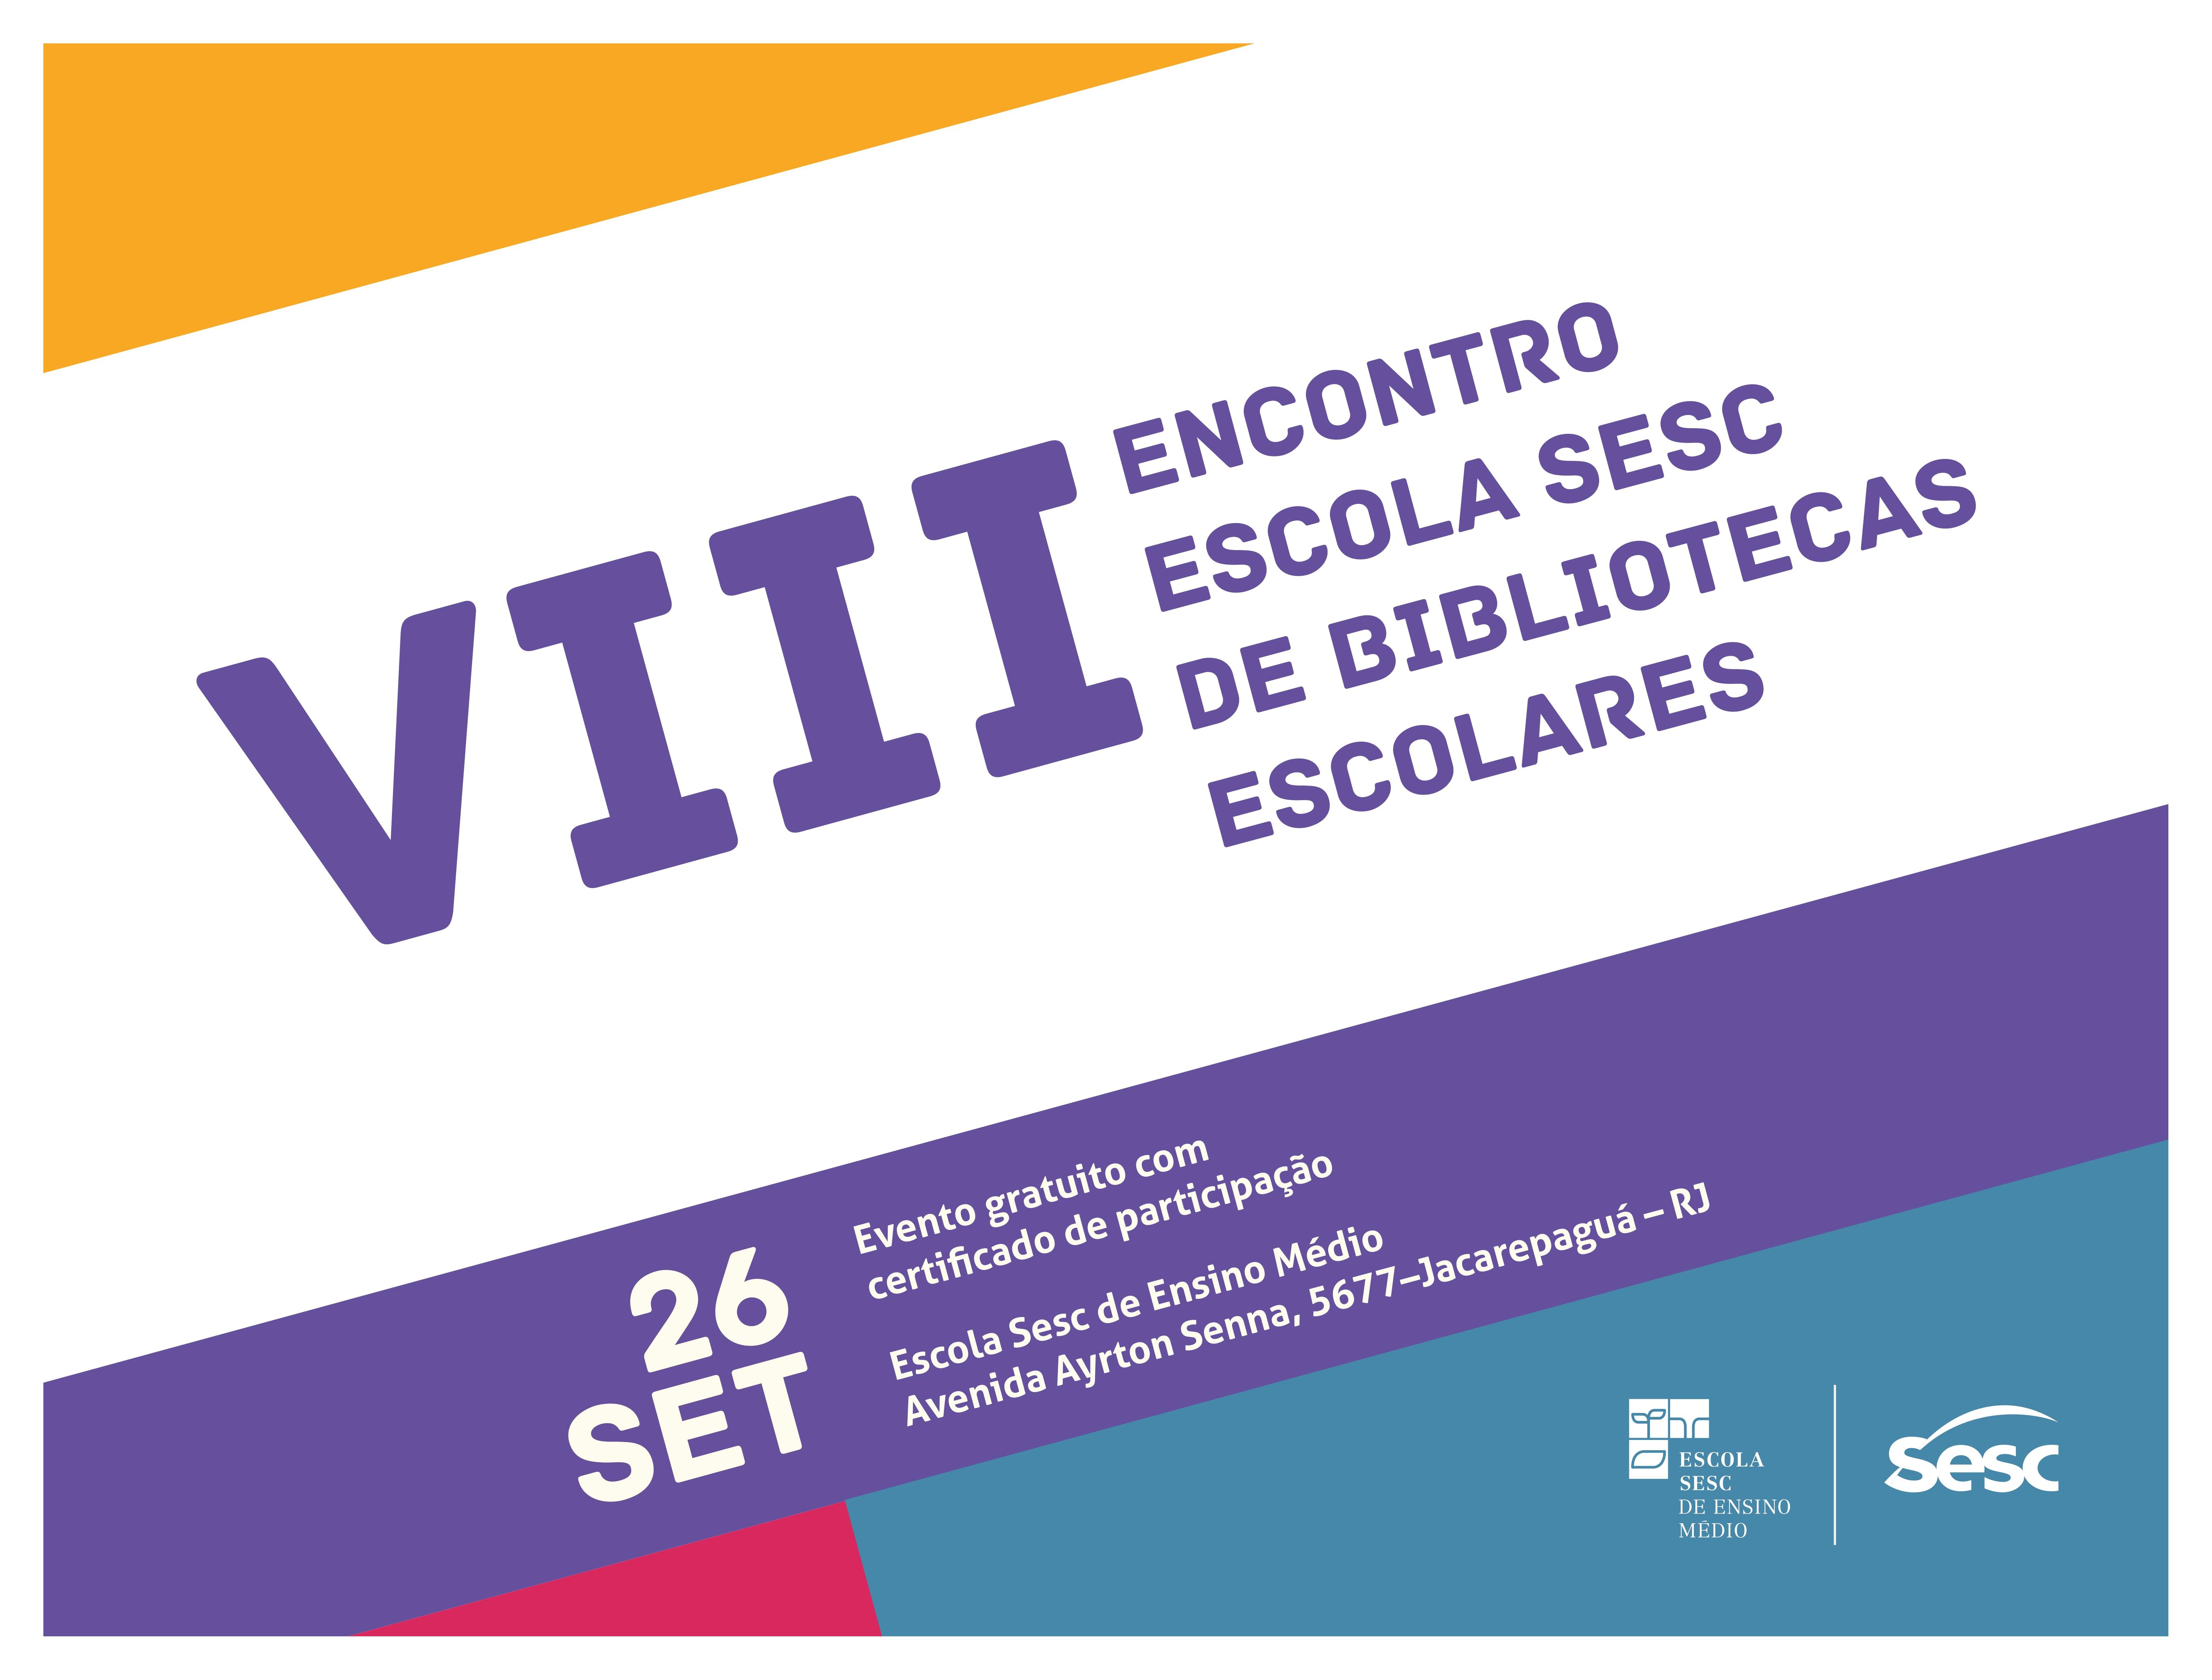 VIII ENCONTRO ESCOLA SESC DE BIBLIOTECAS ESCO